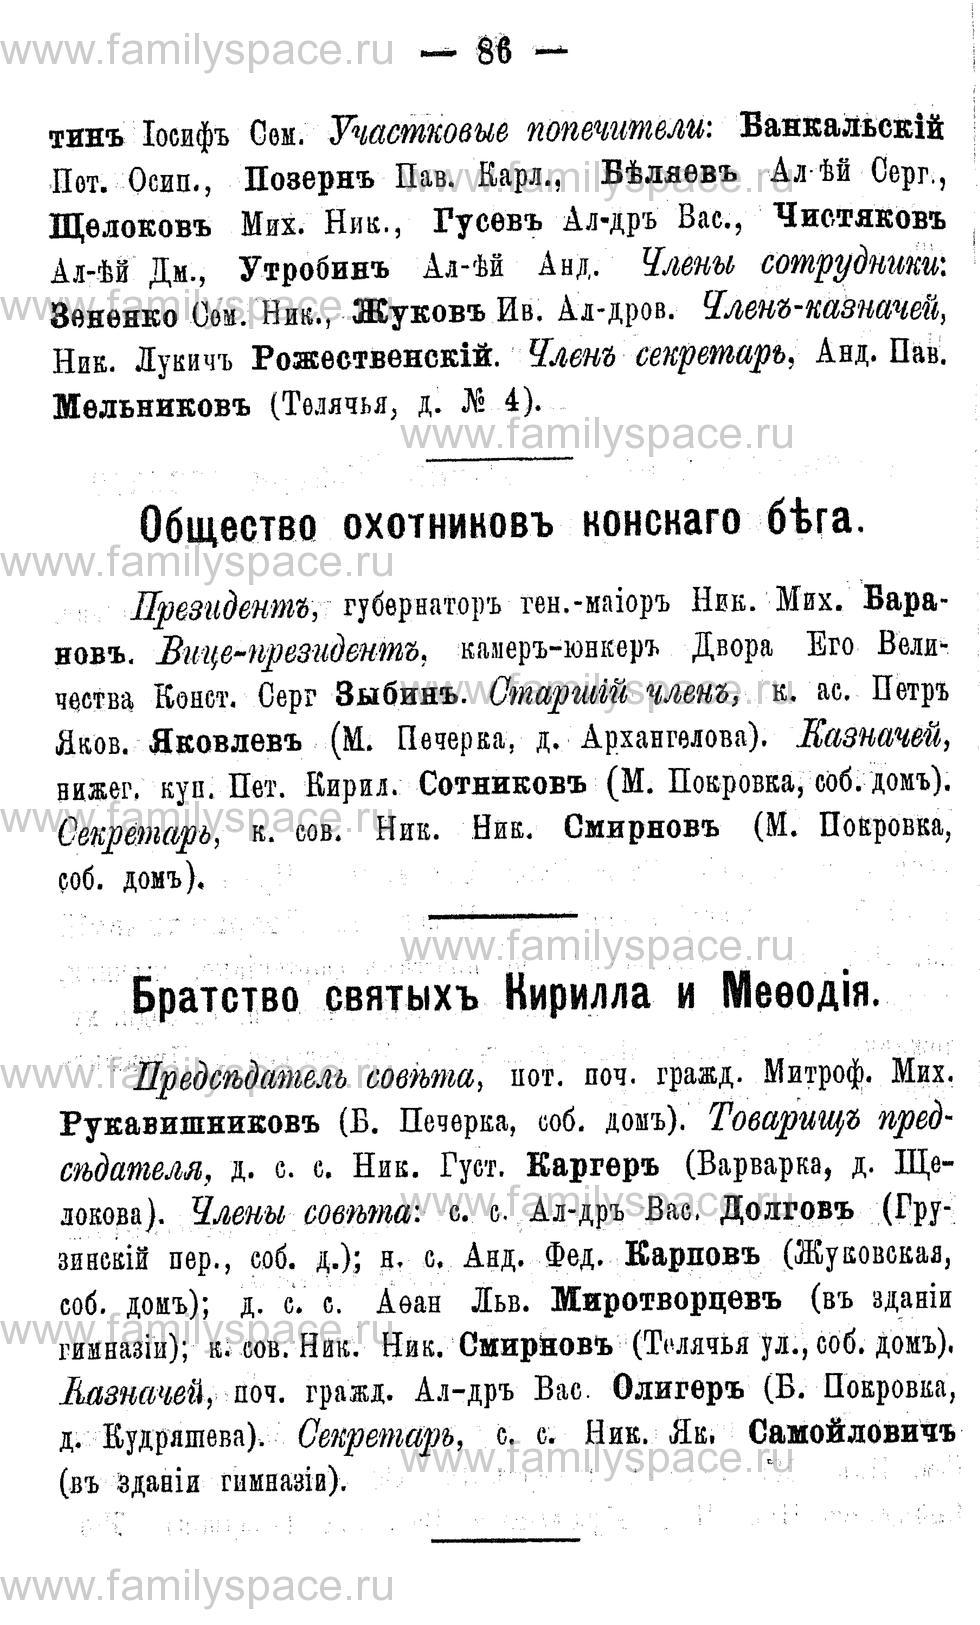 Поиск по фамилии - Адрес-календарь Нижегородской губернии на 1891 год, страница 86